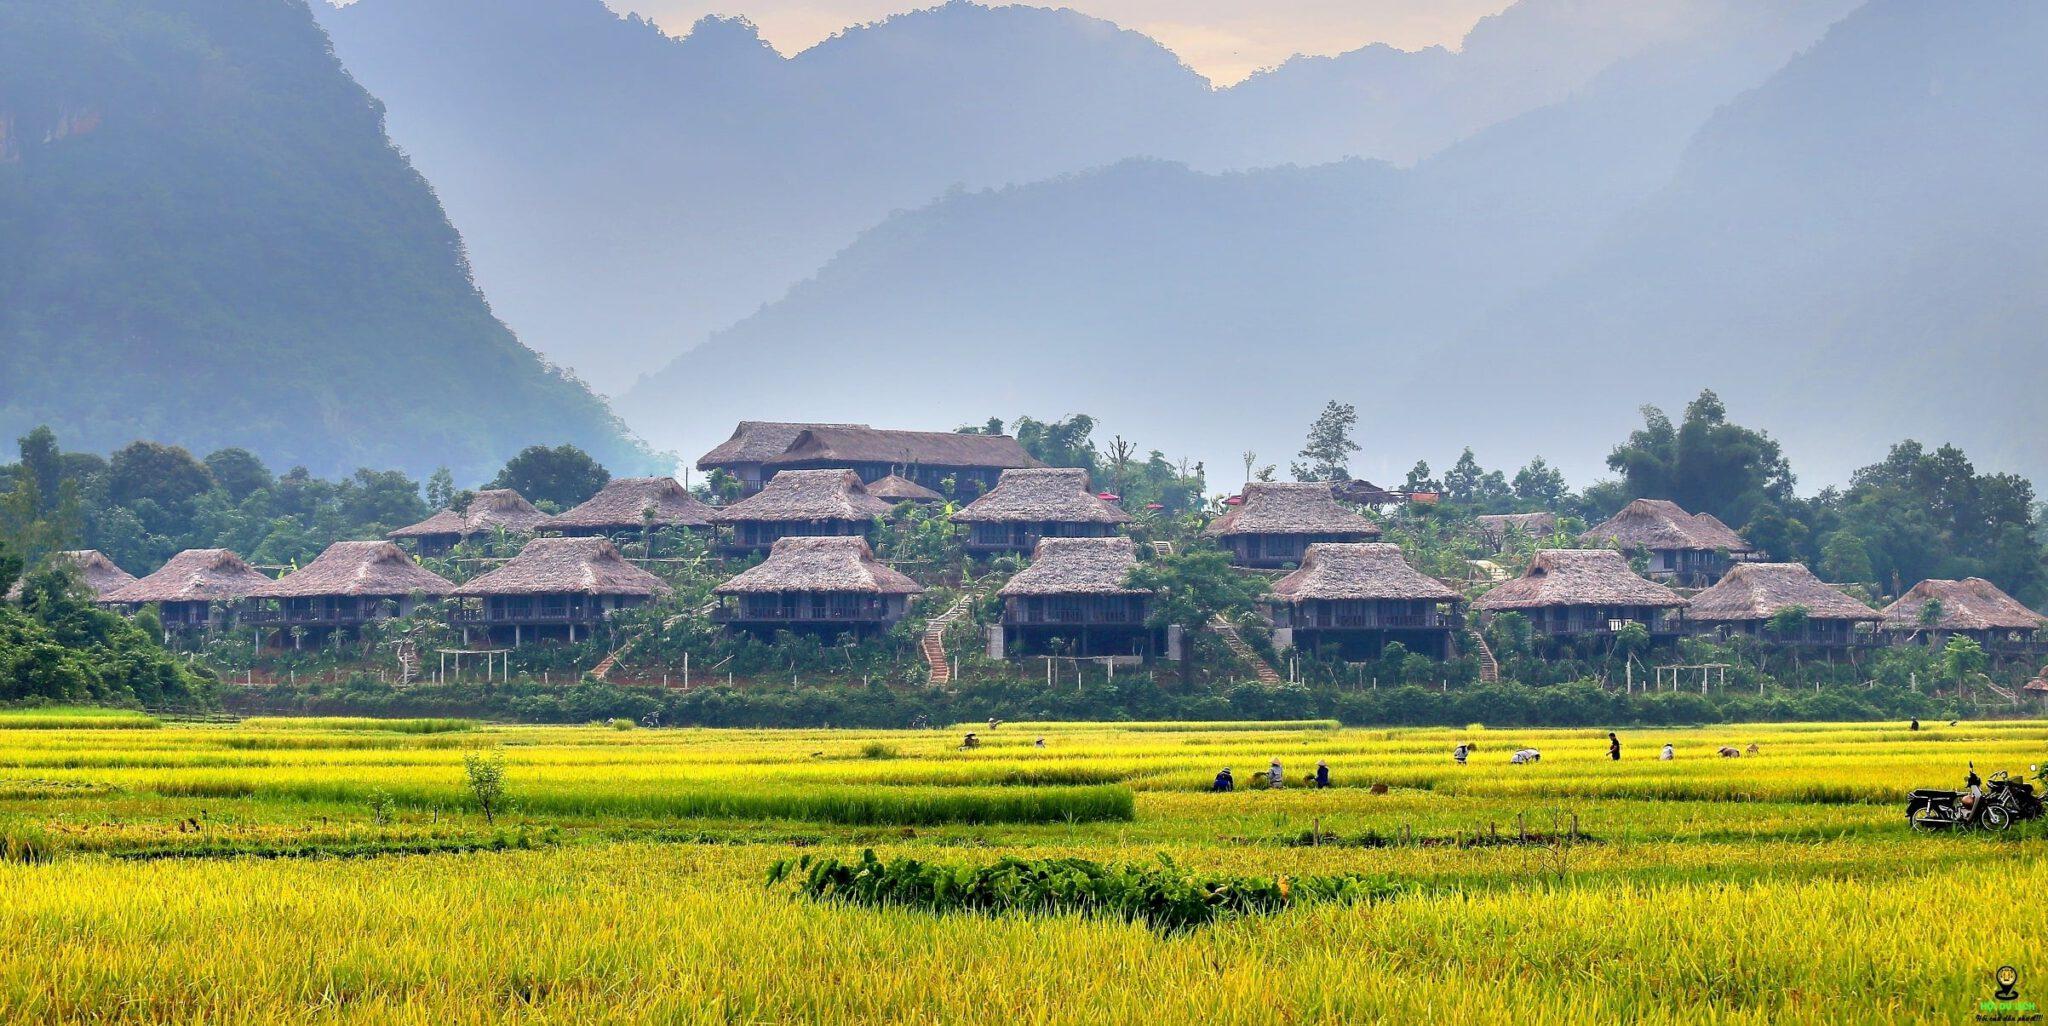 Du lịch bản lác Mai Châu cho tâm hồn khoáng đạt